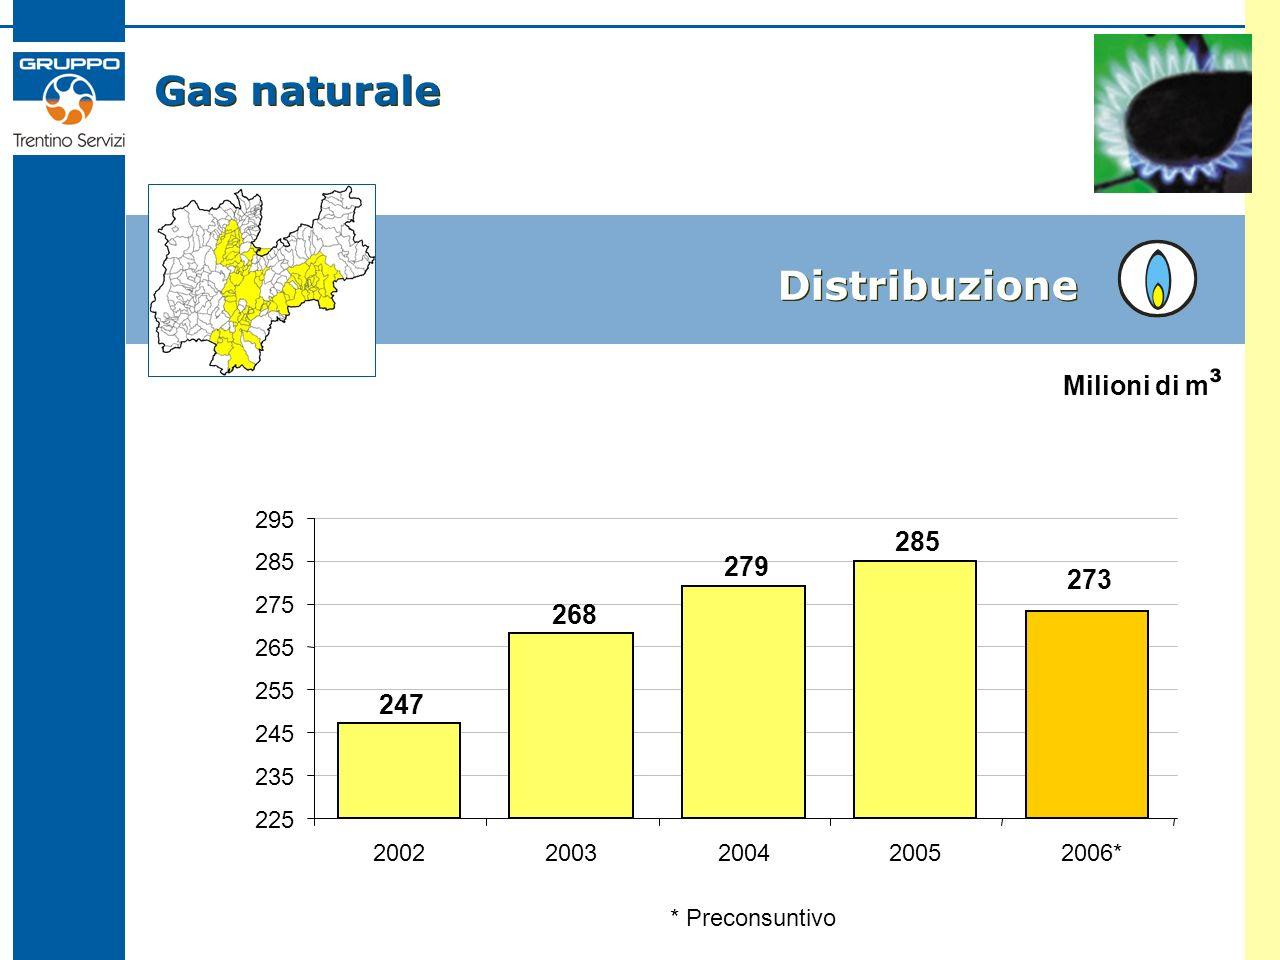 Gas naturale Distribuzione 247 268 279 285 225 235 245 255 265 275 285 295 2002200320042005 Milioni di m ³ 273 2006* * Preconsuntivo